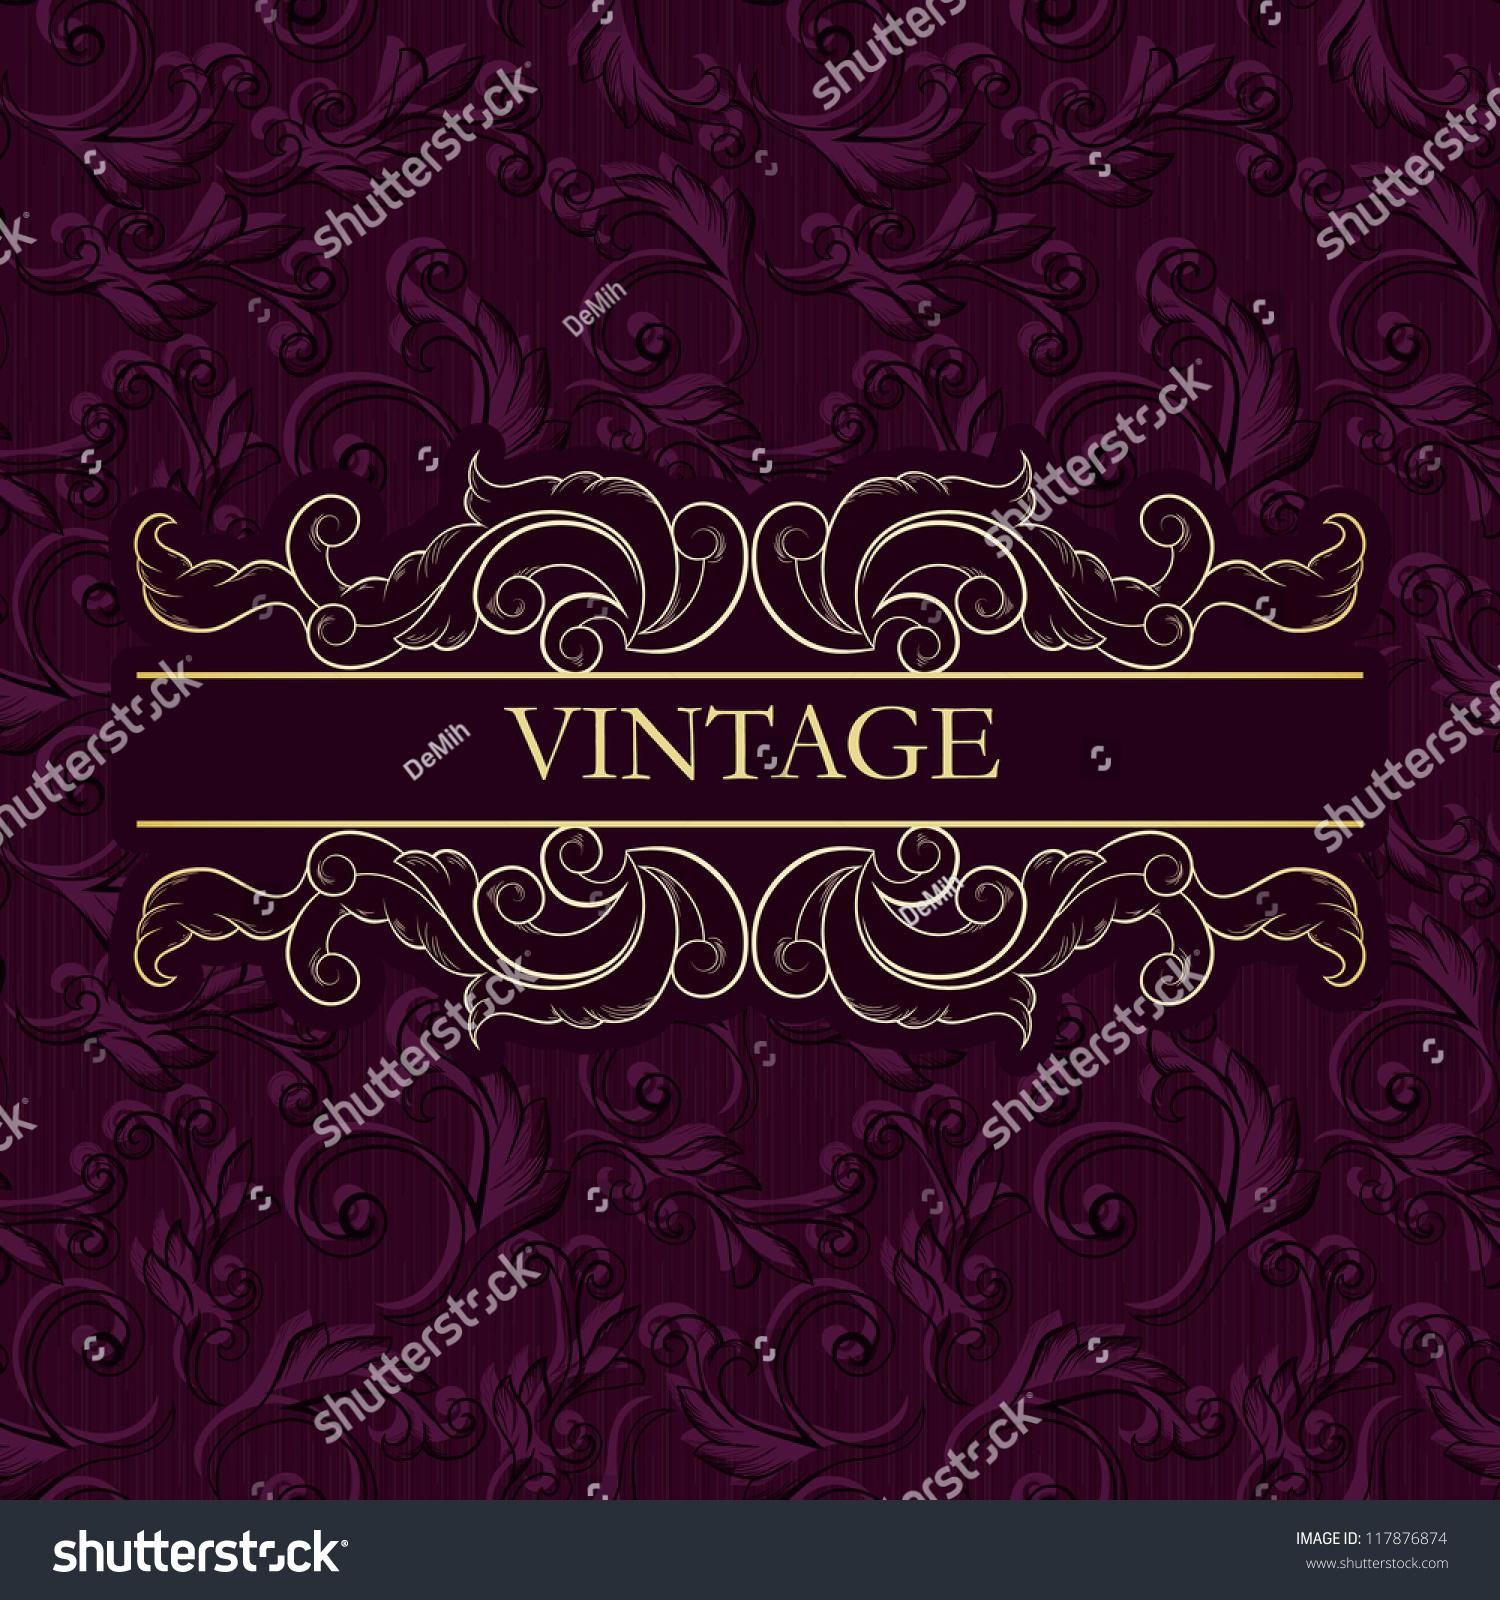 Vintage frame on seamless vintage wallpaper stock vector 117876874 vintage frame on seamless vintage wallpaper business card menu invitation etc floral magicingreecefo Images